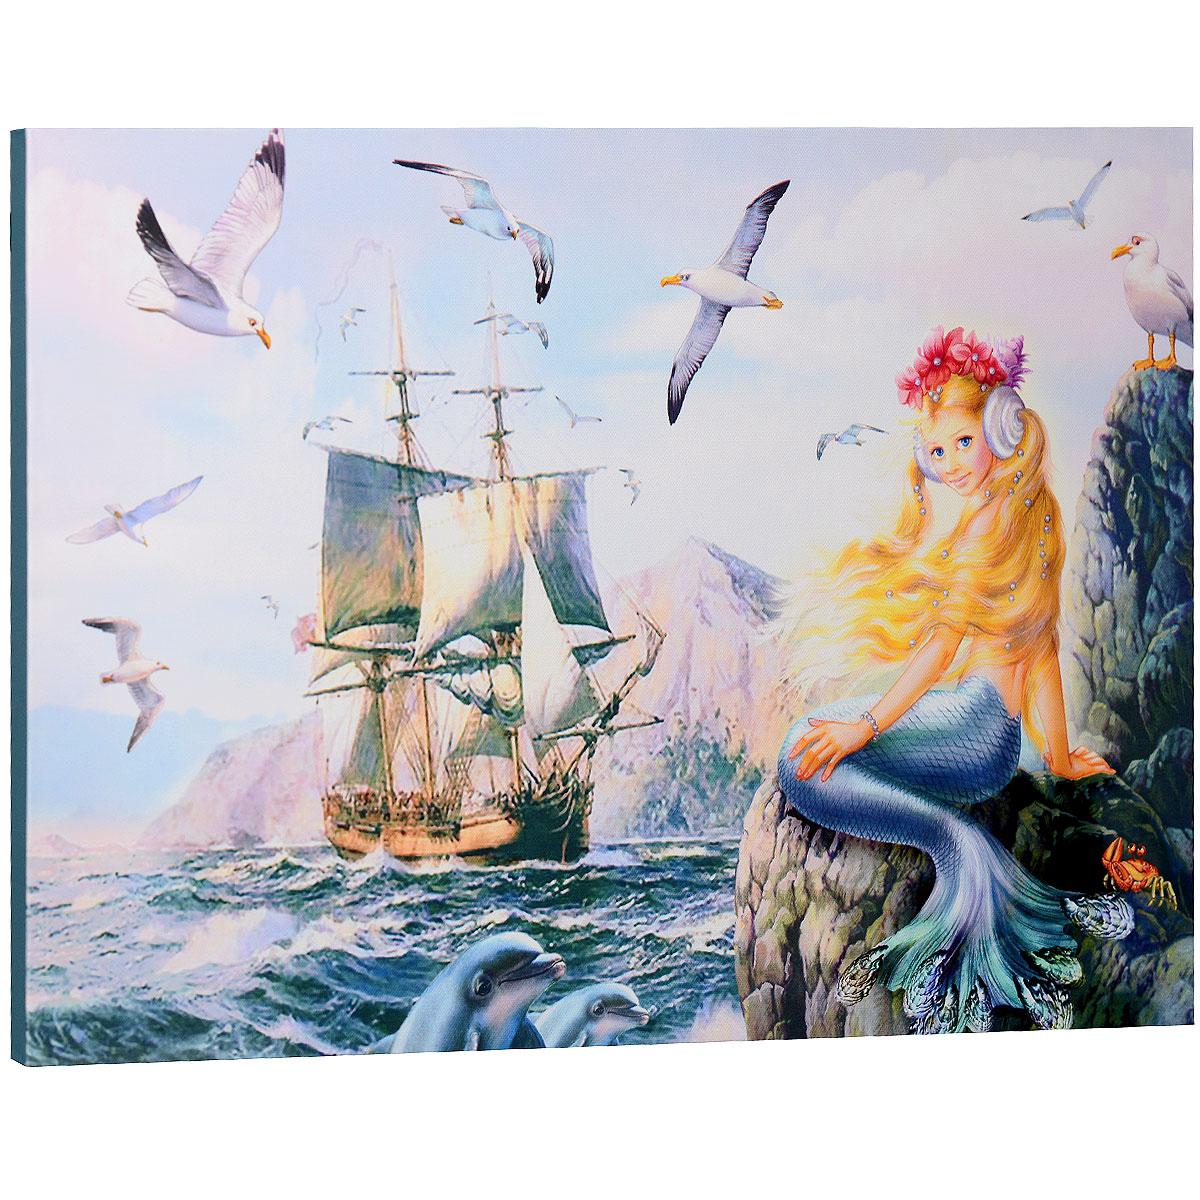 КвикДекор Картина на холсте Морская принцесса, 60 см х 40 смAP-00033-15758-Cn6040Картина на холсте КвикДекор Морская принцесса автора Зорина Балдеску дополнит обстановку интерьера яркими красками и необычным оформлением. Изделие представляет собой картину с латексной печатью на натуральном хлопчатобумажном холсте. Галерейная натяжка холста на подрамники выполнена очень аккуратно, а боковые части картины запечатаны тоновой заливкой. Обратная сторона подрамника содержит отверстие, благодаря которому картину можно легко закрепить на стене и подкорректировать ее положение. Автор картины специализируется на создании восхитительных сказочных образов - русалок, принцесс, фей, единорогов и многих других. Сказки, иллюстрированные Зориной, - особый, волшебный и очаровательный мир, подаренный нам художницей посредством ее искусства и неисчерпаемой фантазии. Картина Морская принцесса отлично подойдет к интерьеру не только детской комнаты, но и гостиной. Картина поставляется в стрейч-пленке с защитными картонными уголками, упакована в...